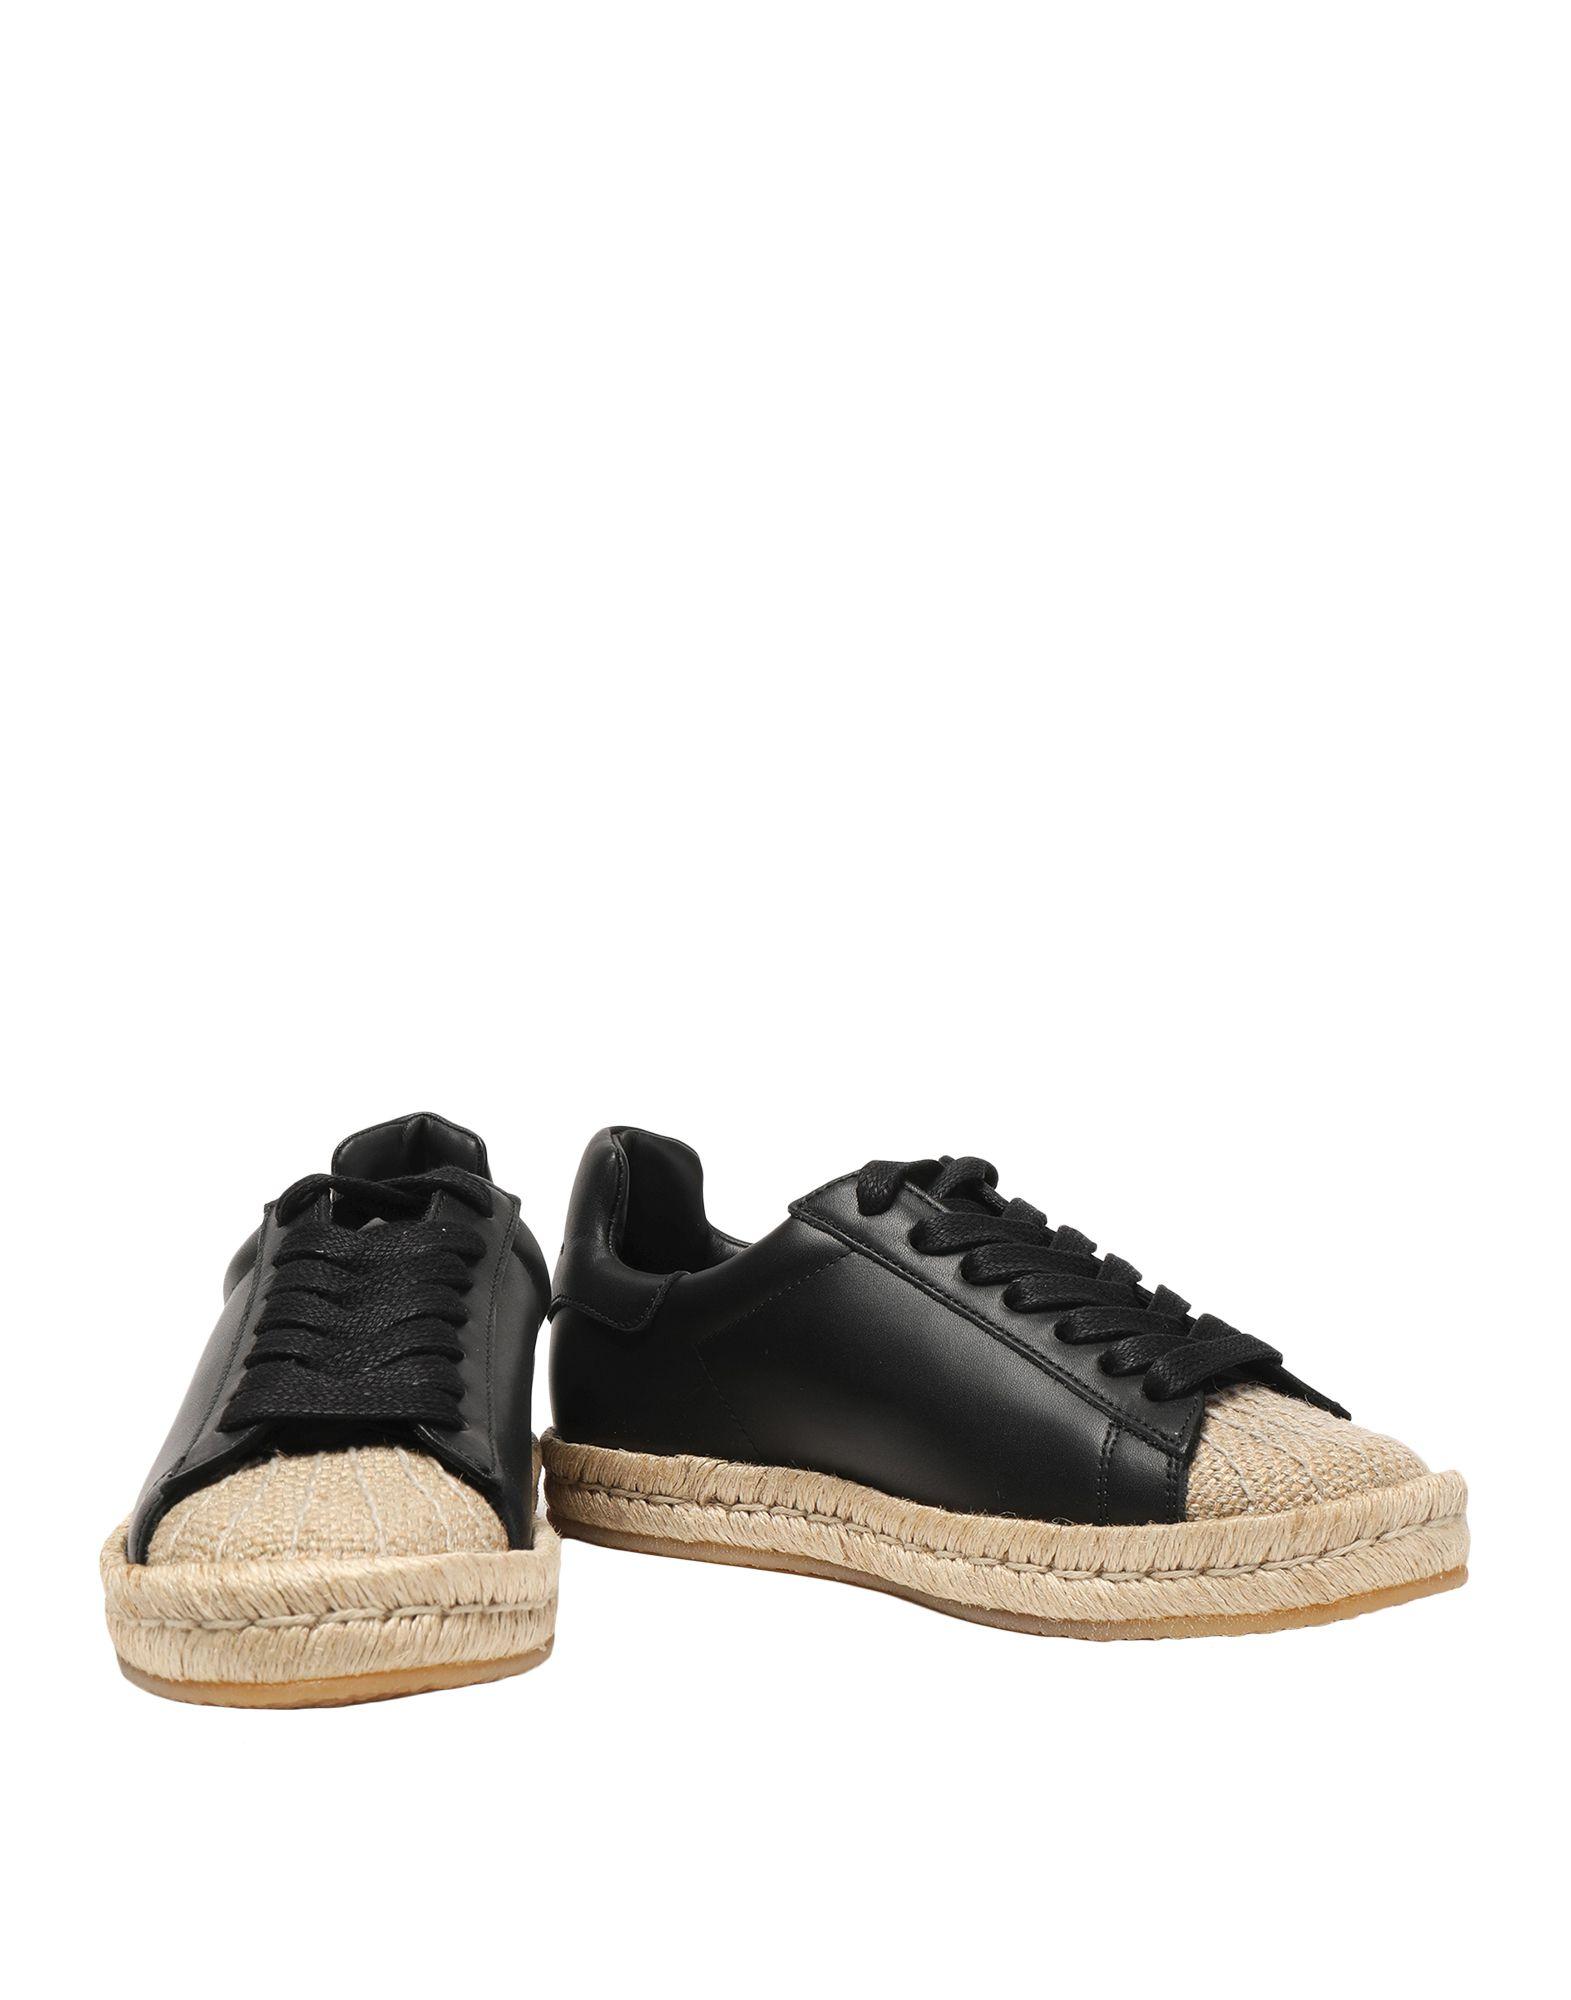 Alexander Wang es Sneakers Damen Gutes Preis-Leistungs-Verhältnis, es Wang lohnt sich 20572 b1fe98